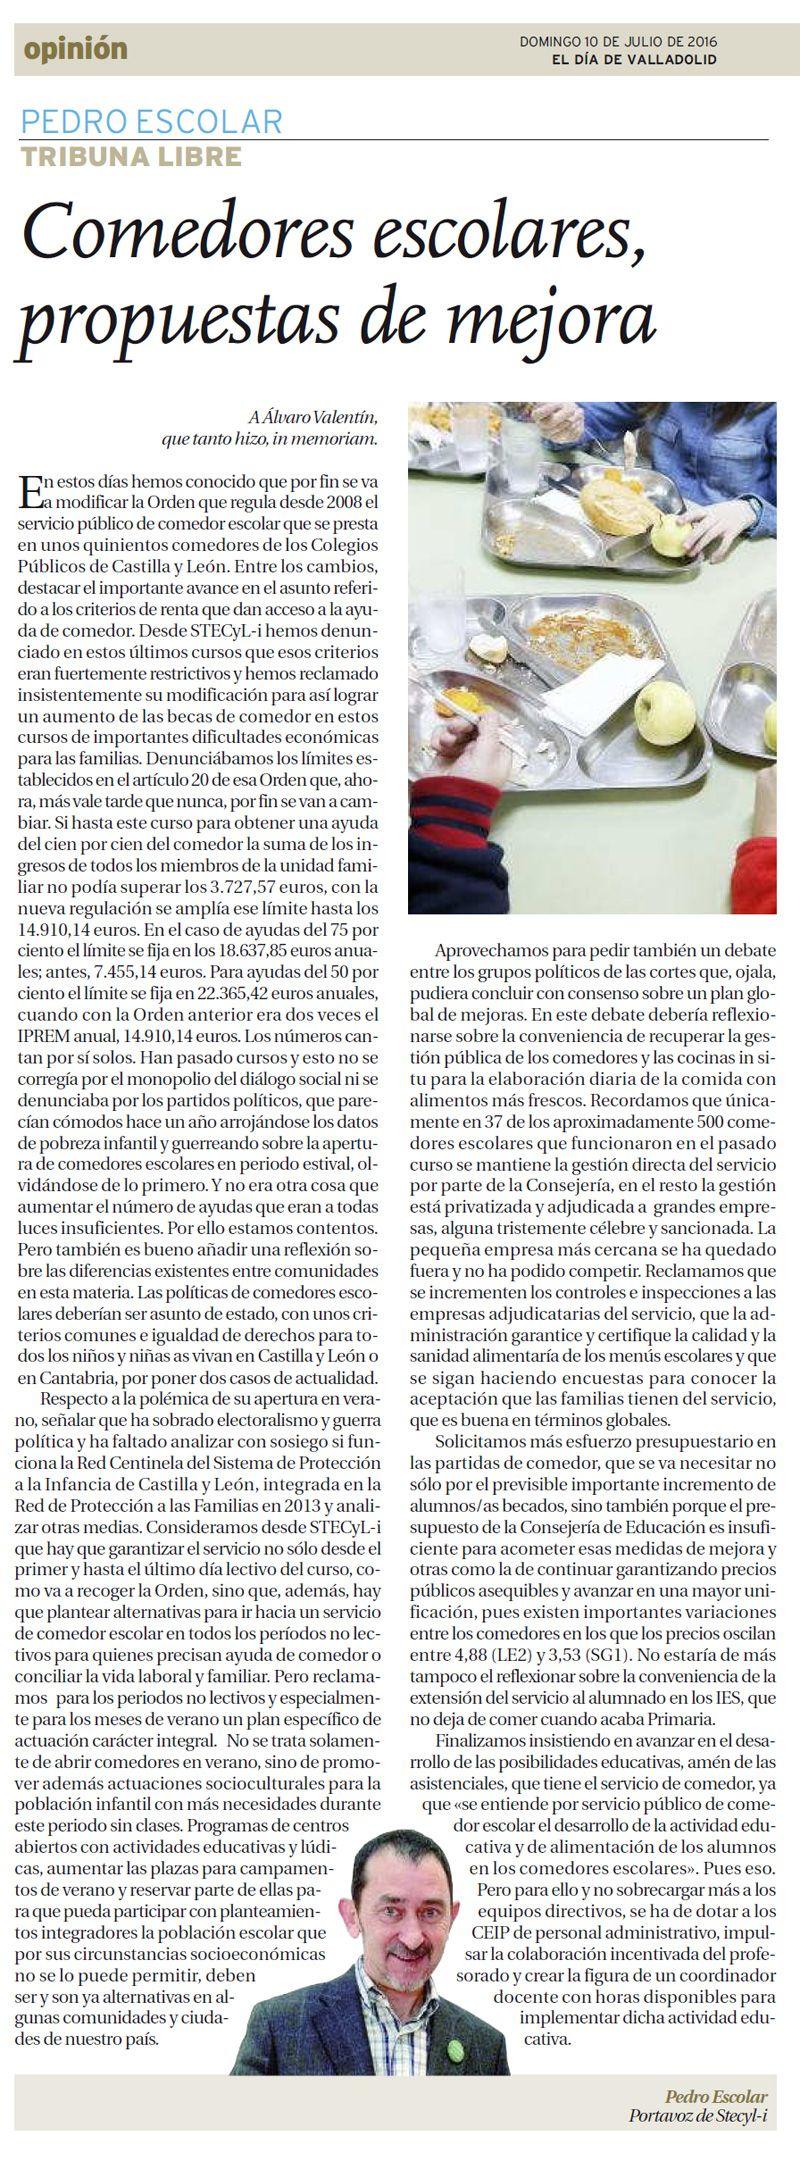 Comedores escolares, propuestas de mejora - Stecyl-i